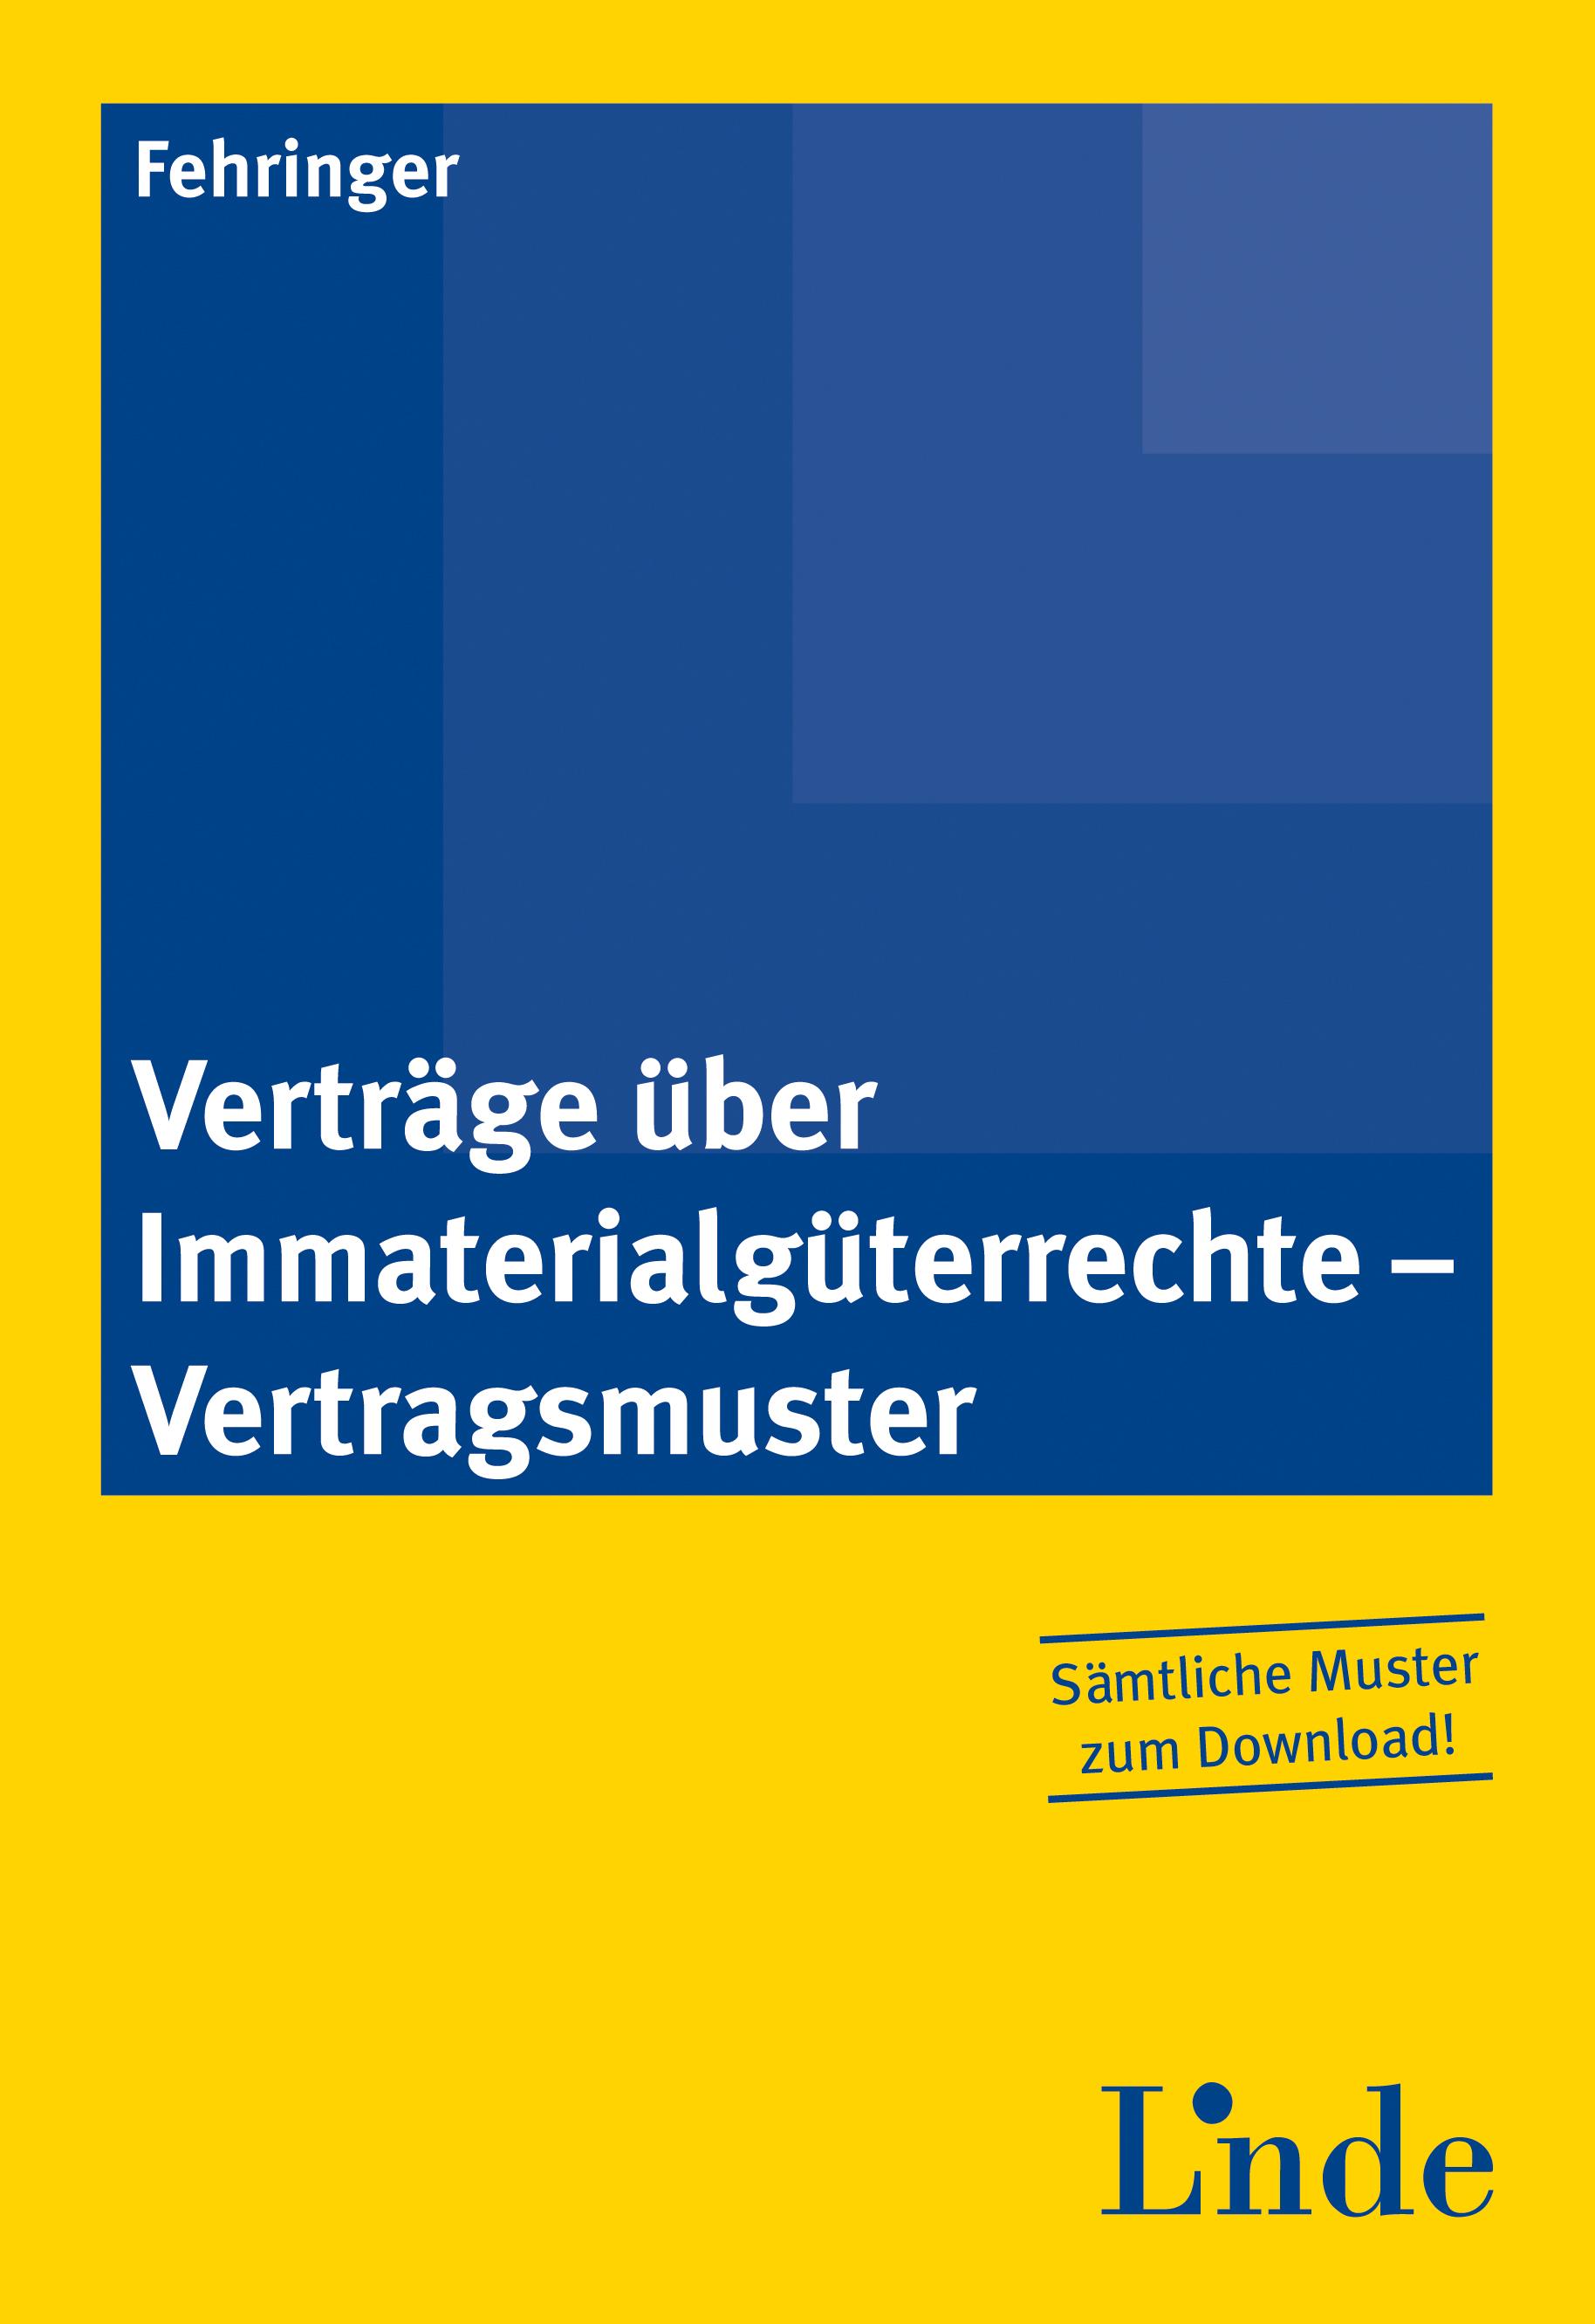 Verträge über Immaterialgüterrechte - Vertragsmuster | Linde ...